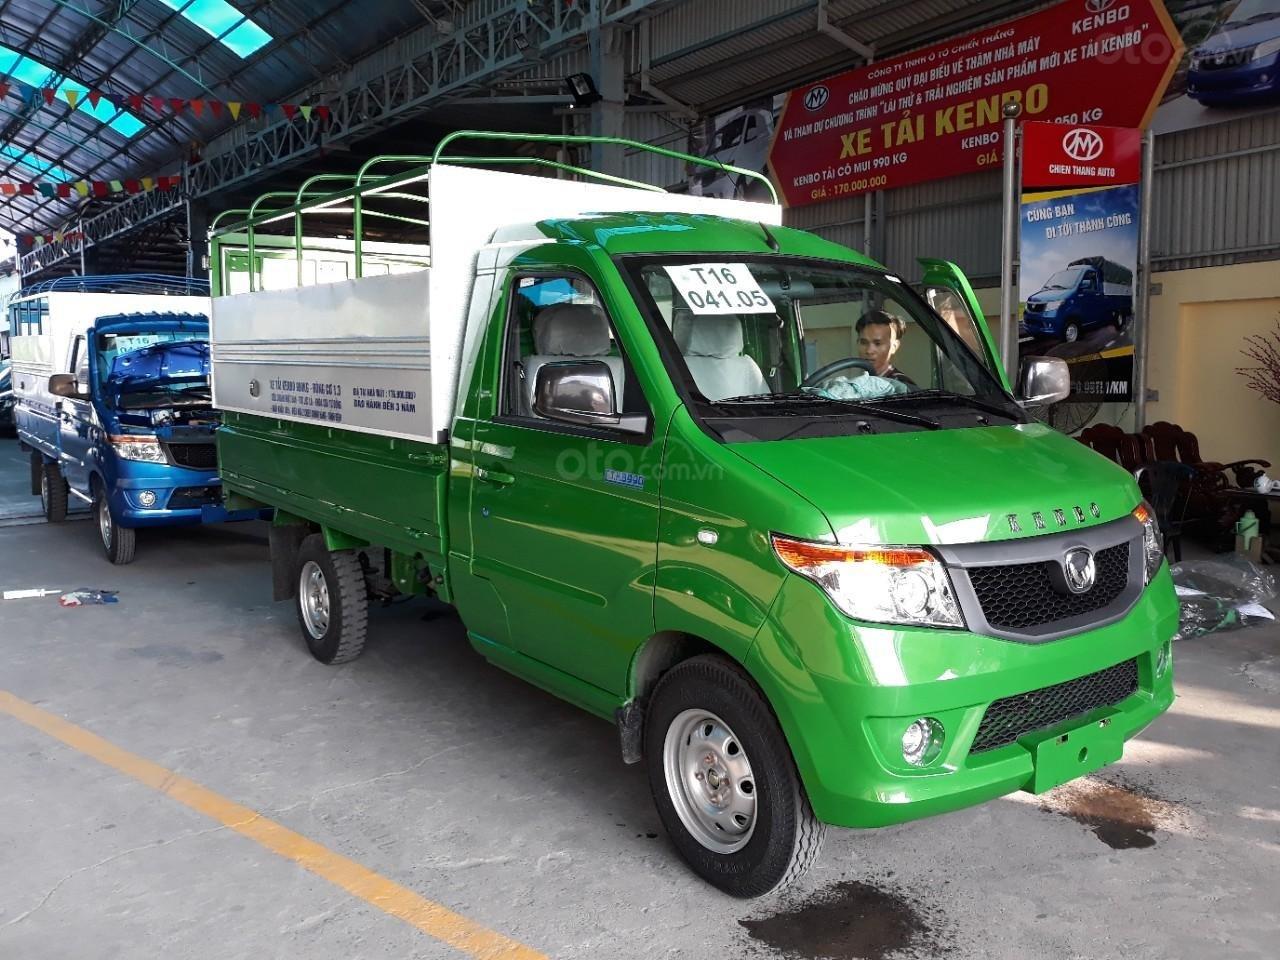 Bán xe tải Kenbo mui bạt tại Thái Bình (8)